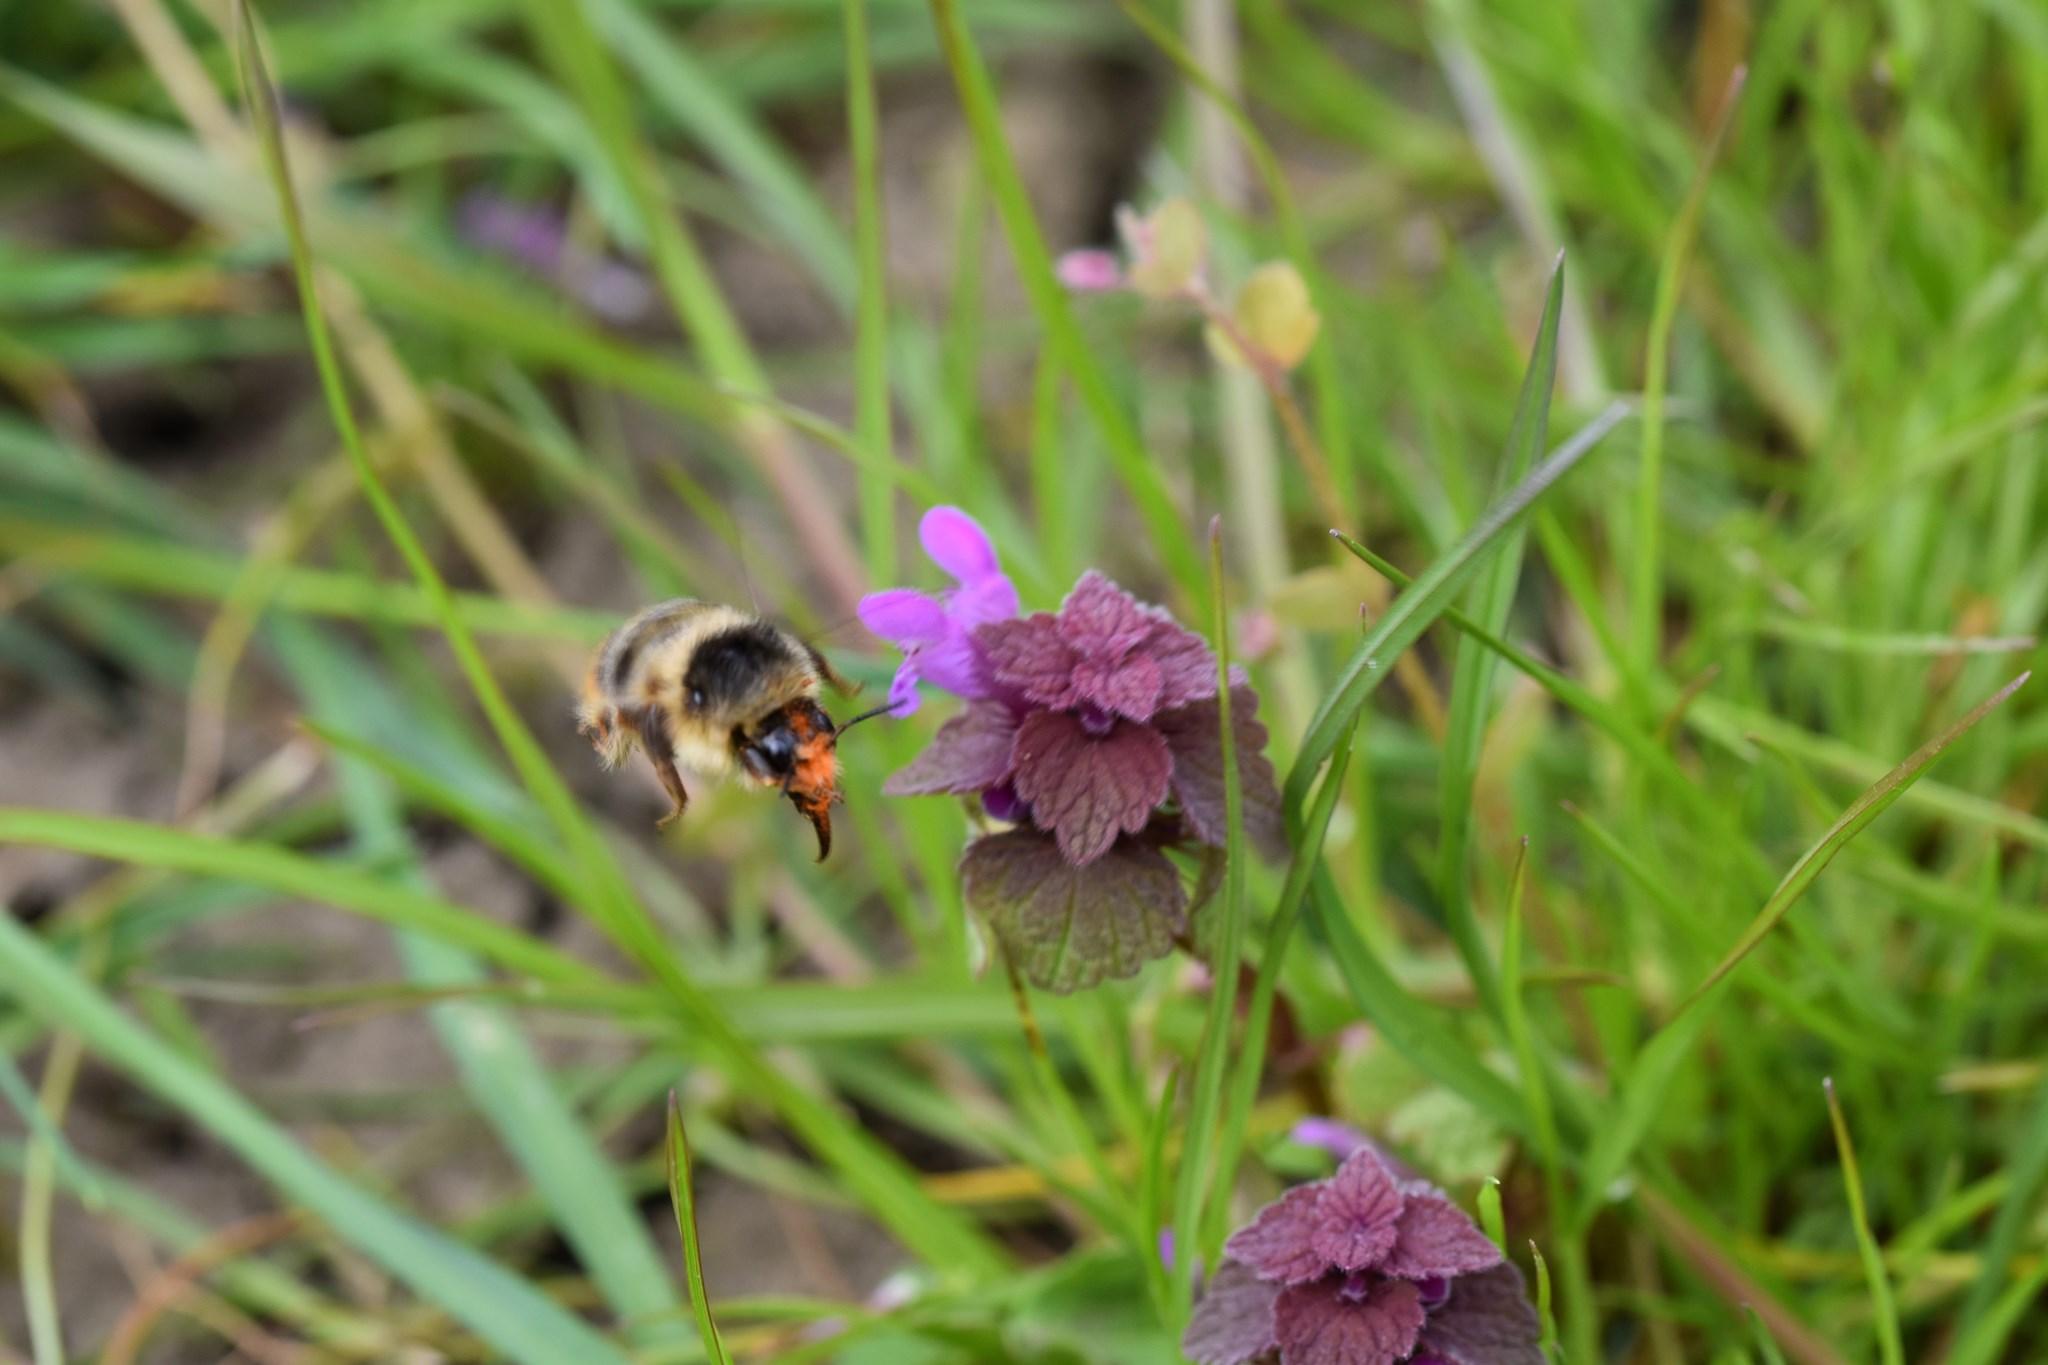 Frühlingspelzbiene in einer Wiese